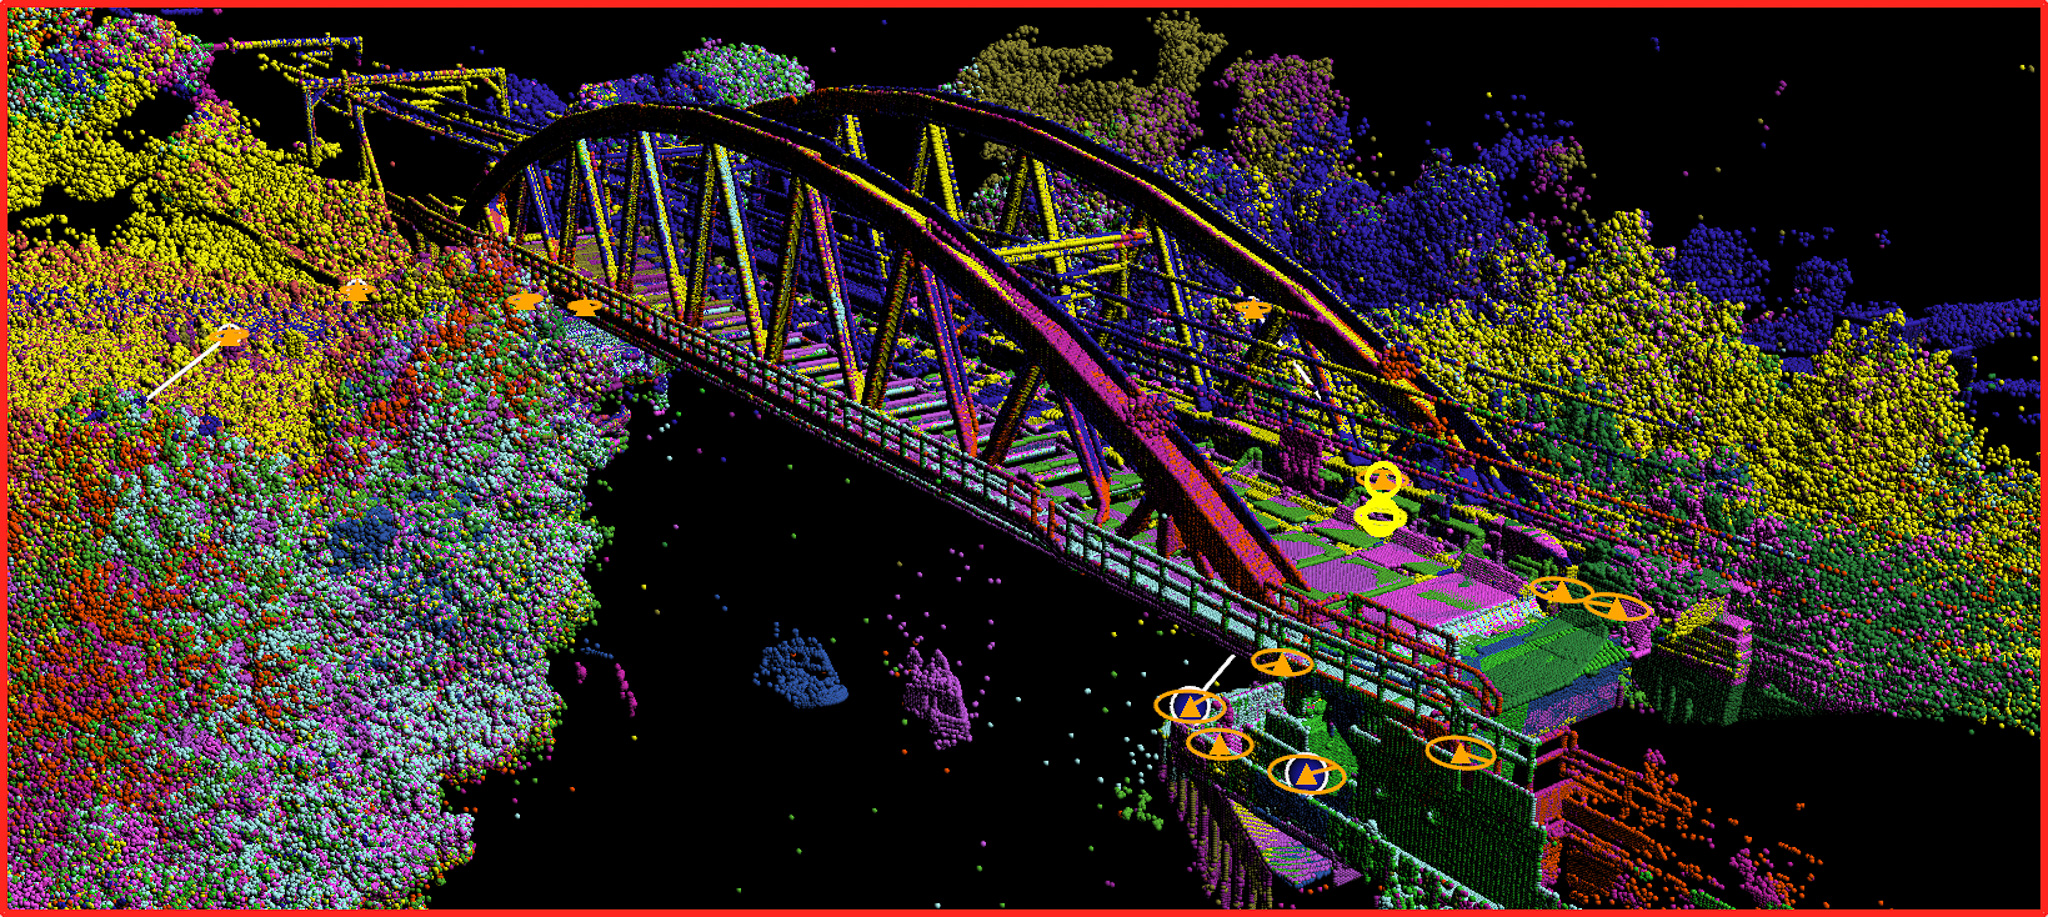 Newark Railway Bridge